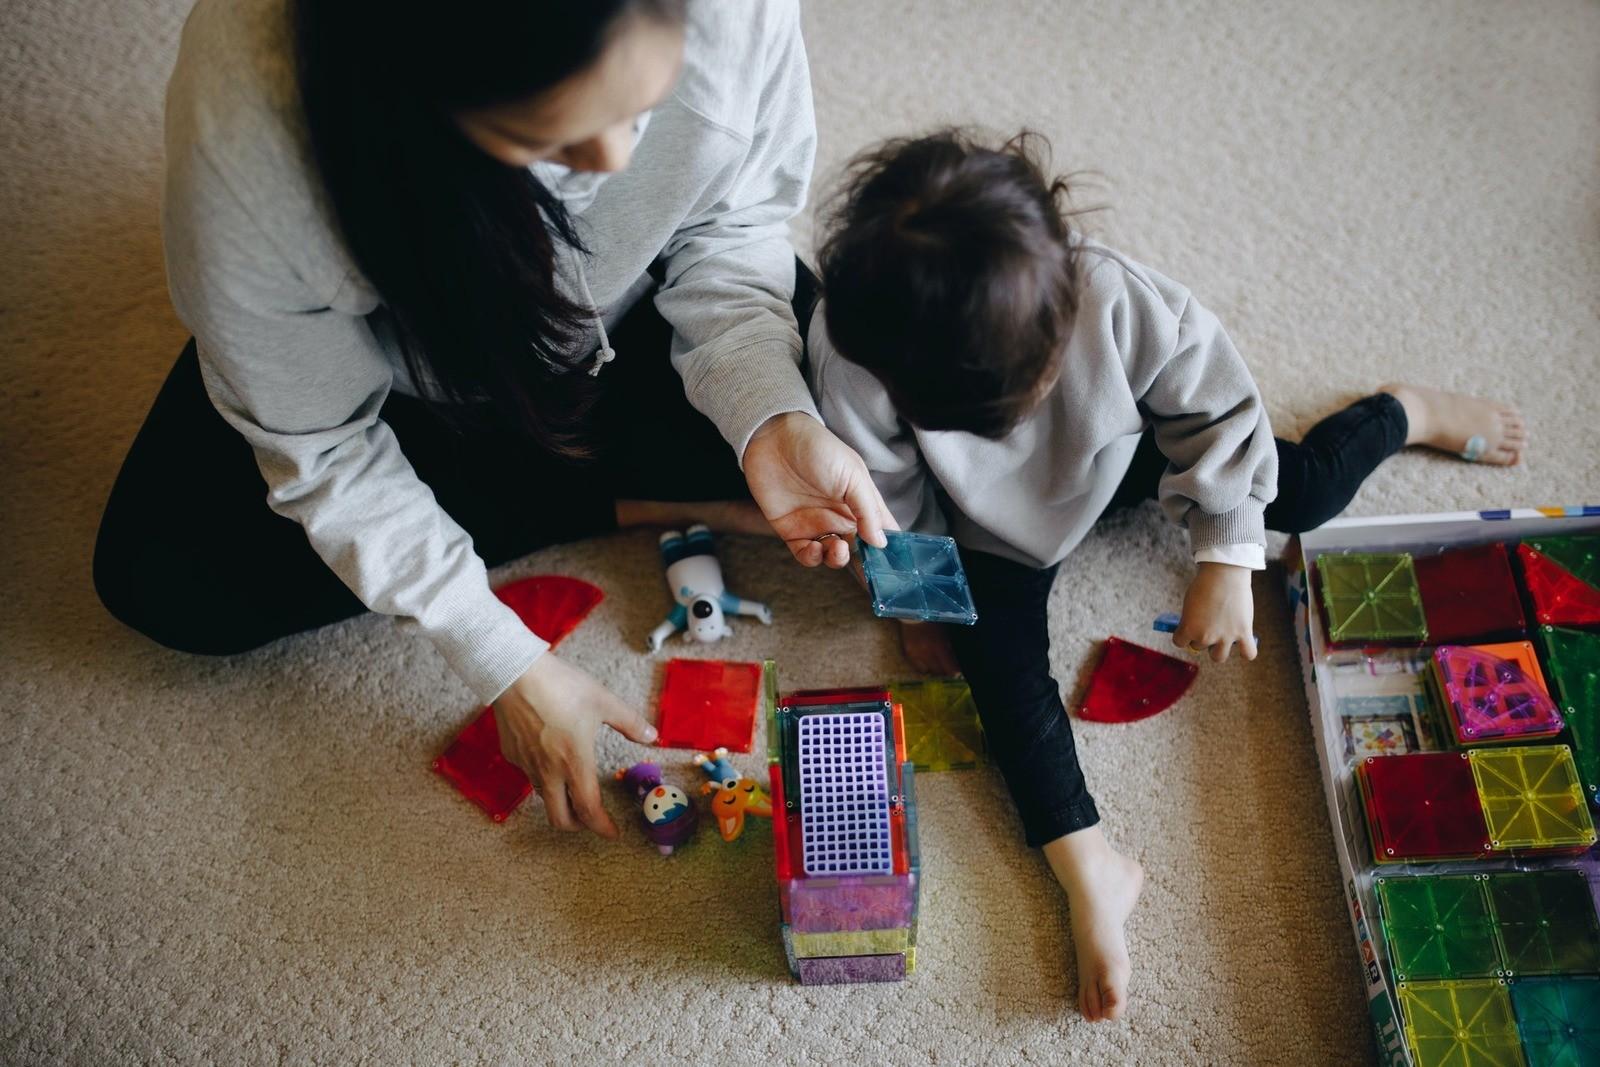 Приобретайте Игрушки, Соответствующие Возрасту